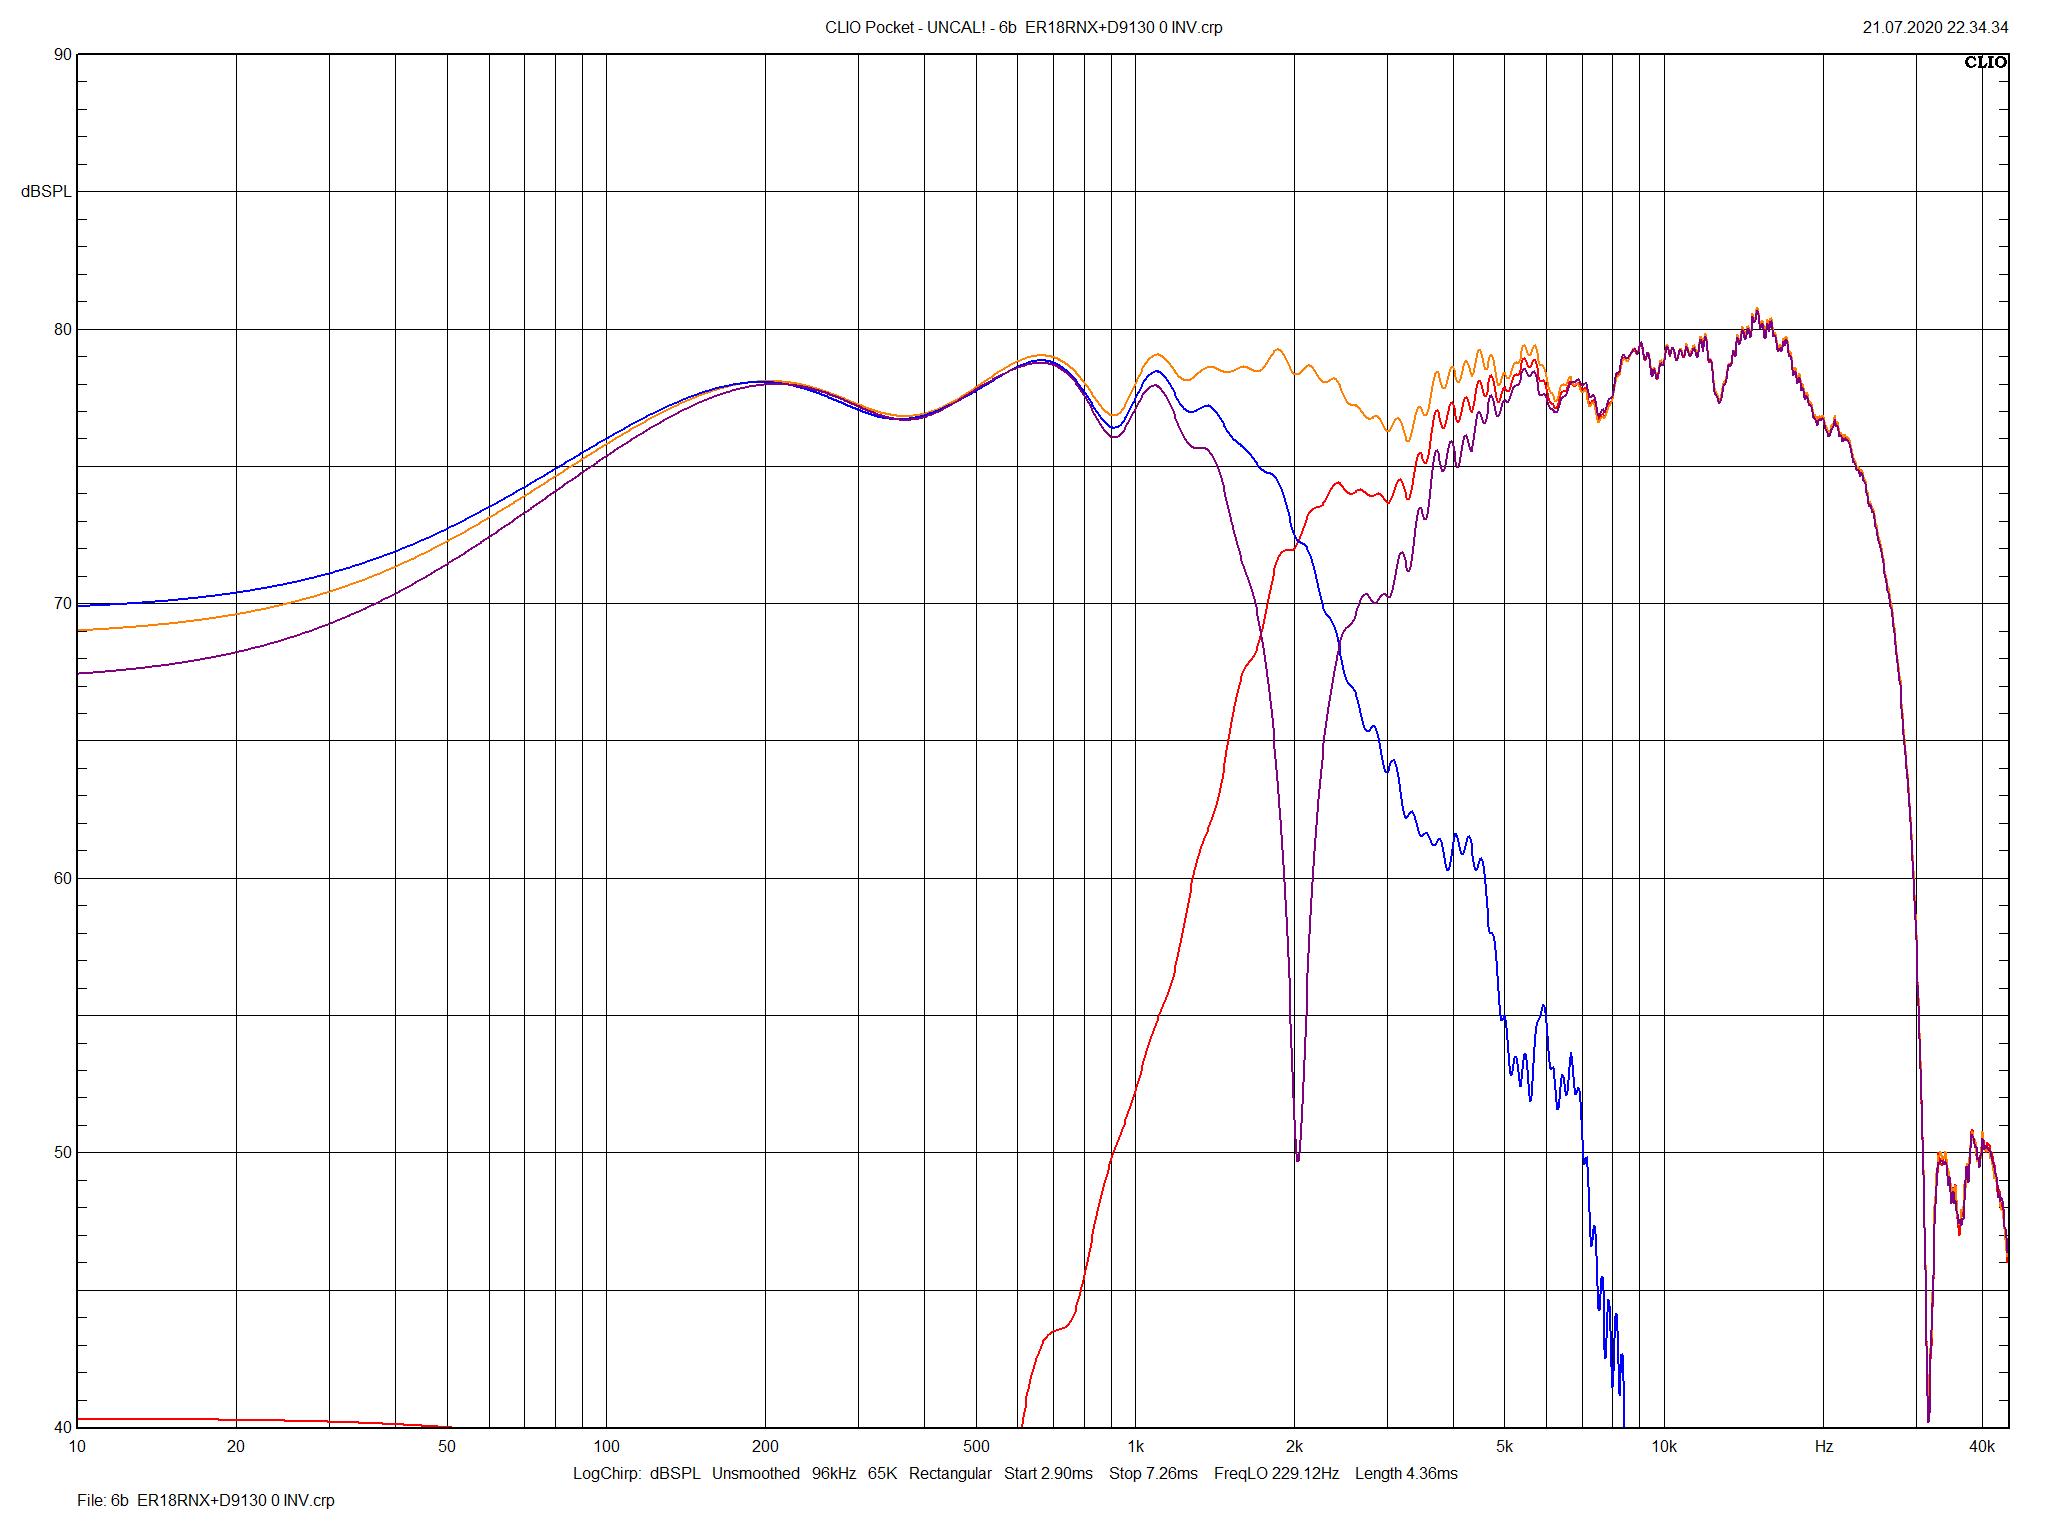 Klicke auf die Grafik für eine größere Ansicht  Name:6b 0 all.png Hits:301 Größe:104,4 KB ID:55977